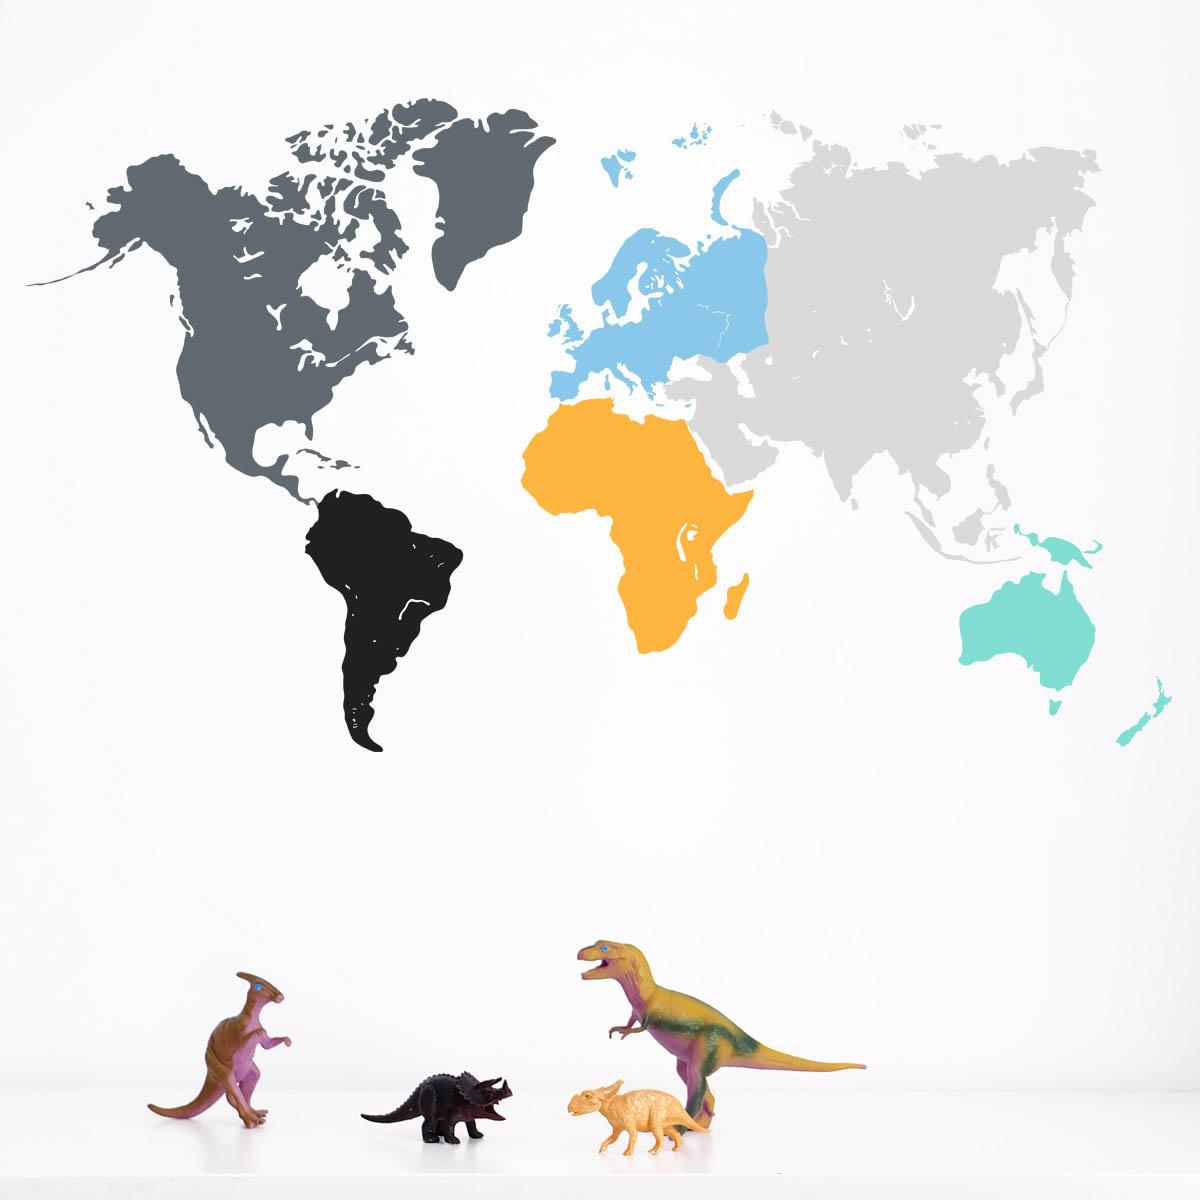 Naklejka ścienna do pokoju dziecięcego, nastolatka - mapa świata kolorowa